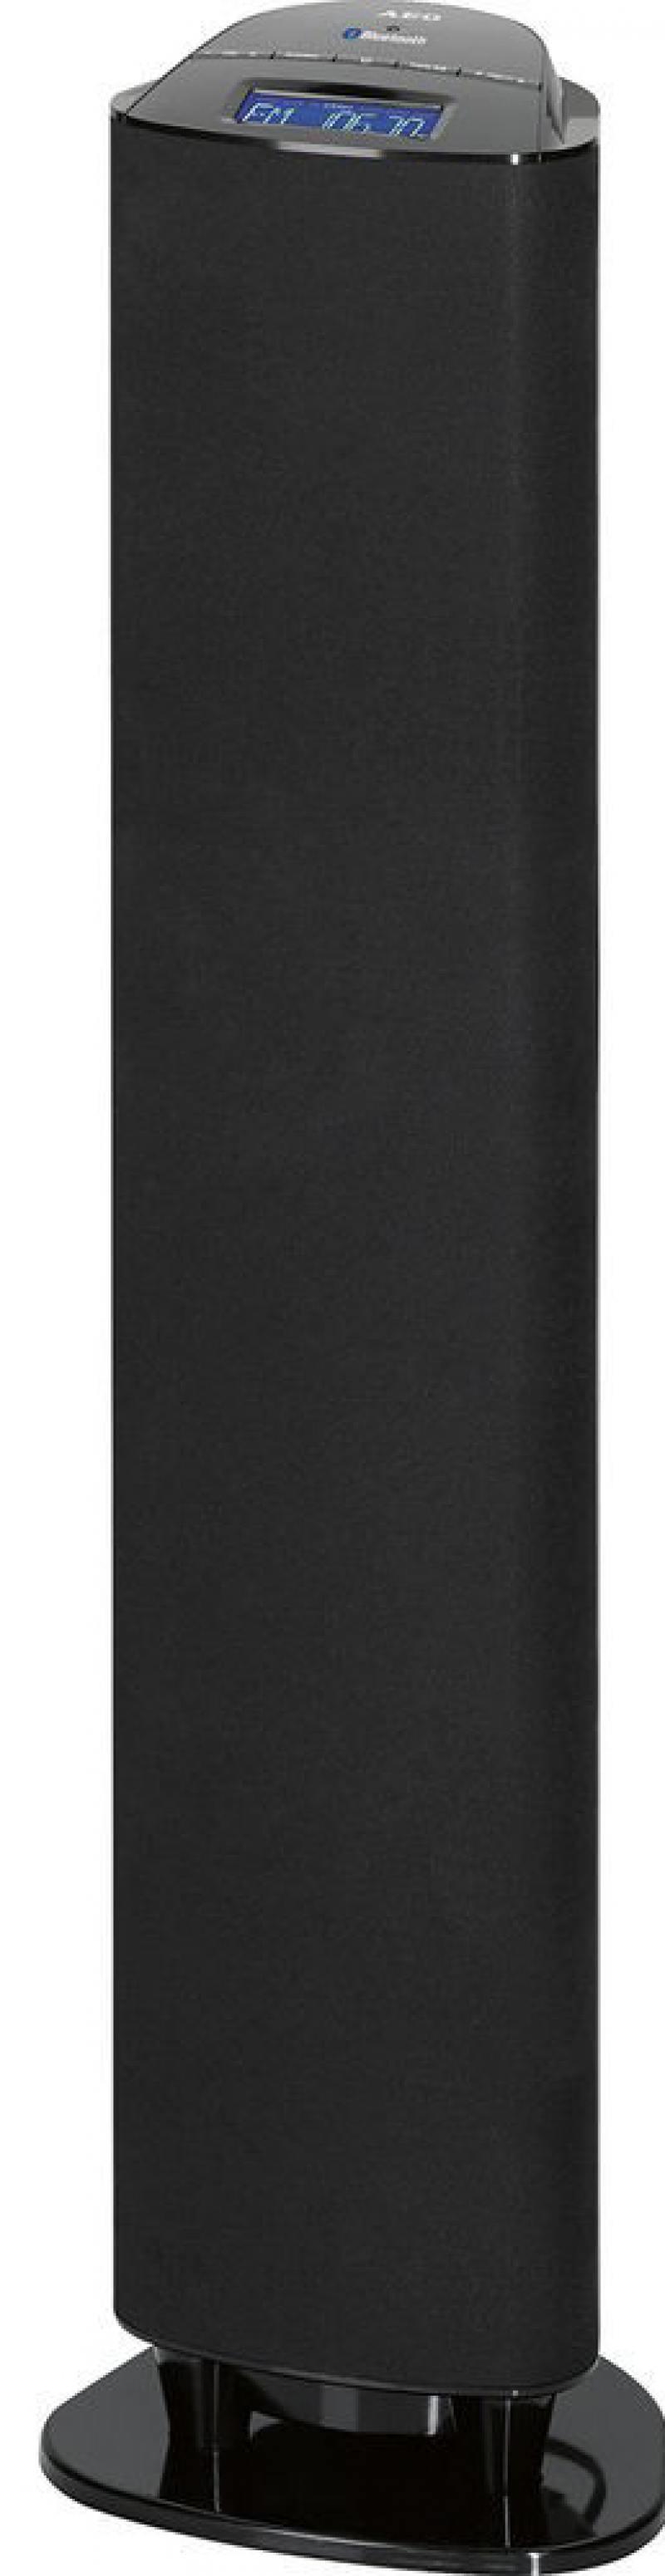 Bluetooth-аудиосистема AEG BSS 4813 black